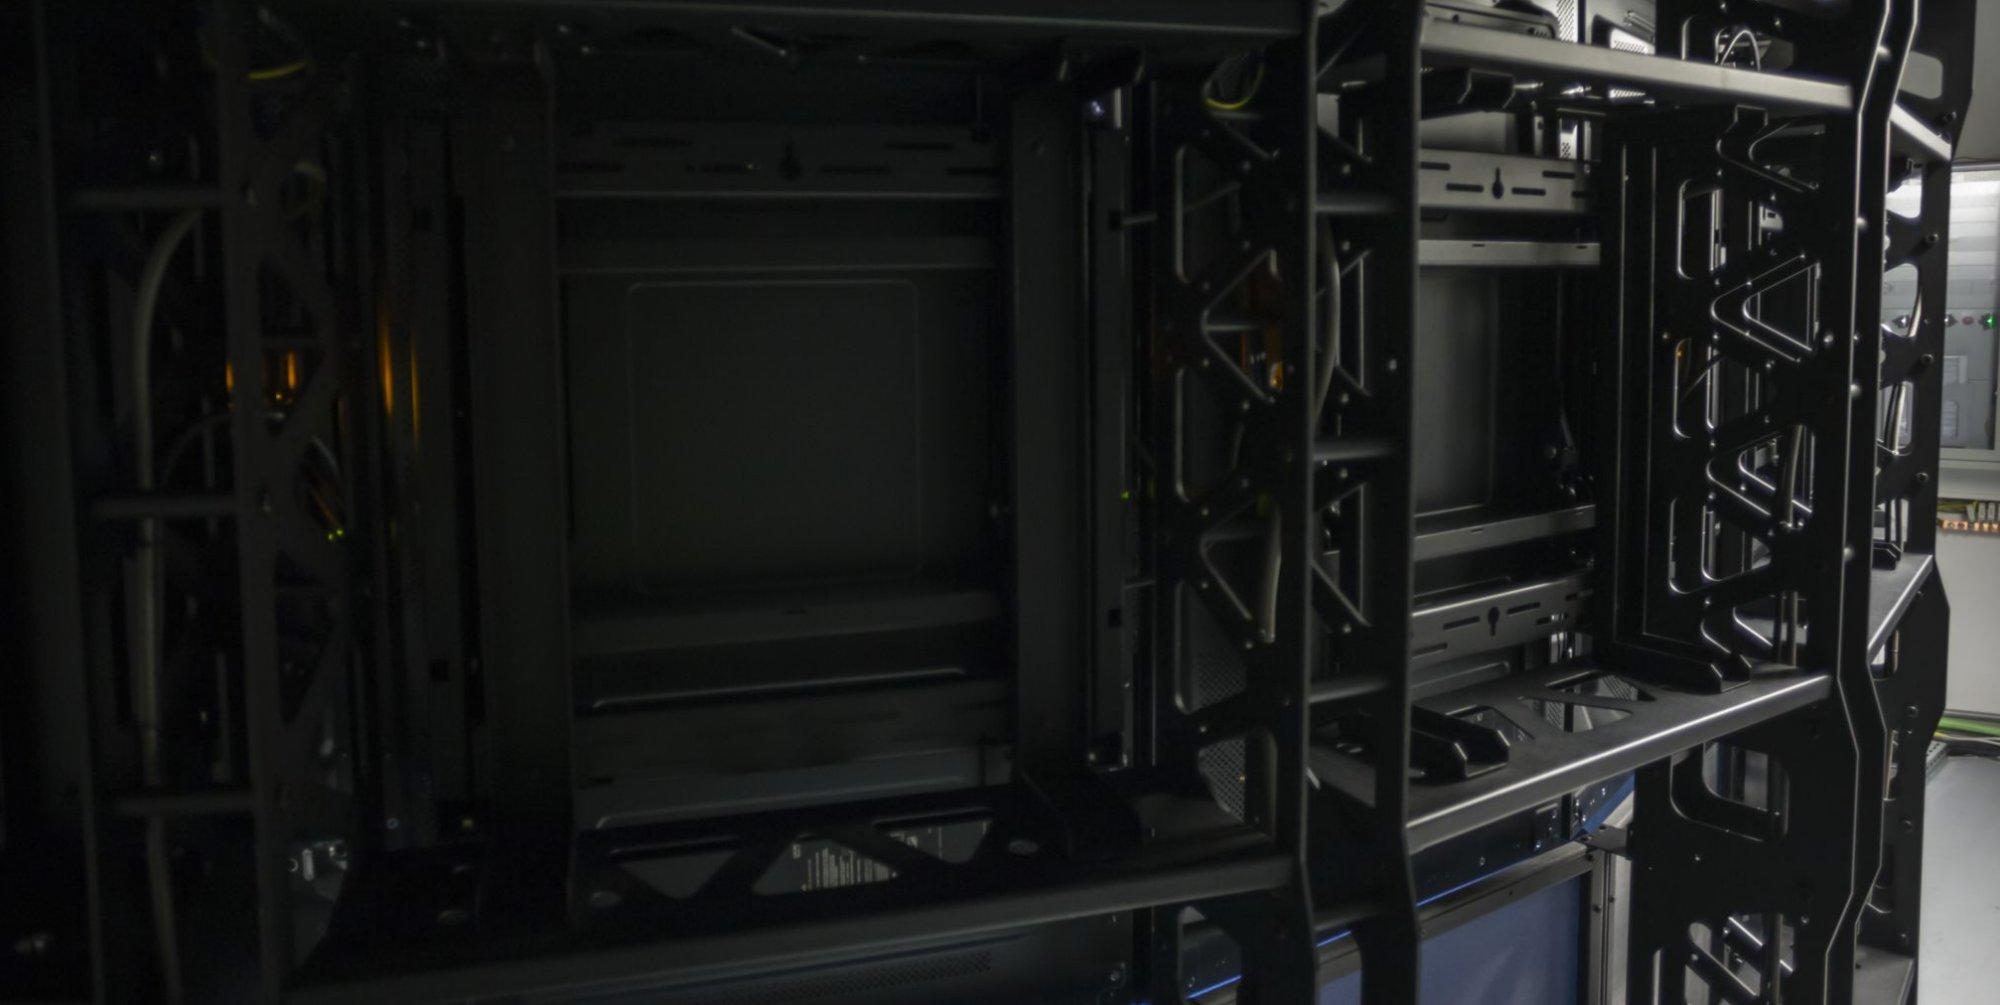 monitor wall detail